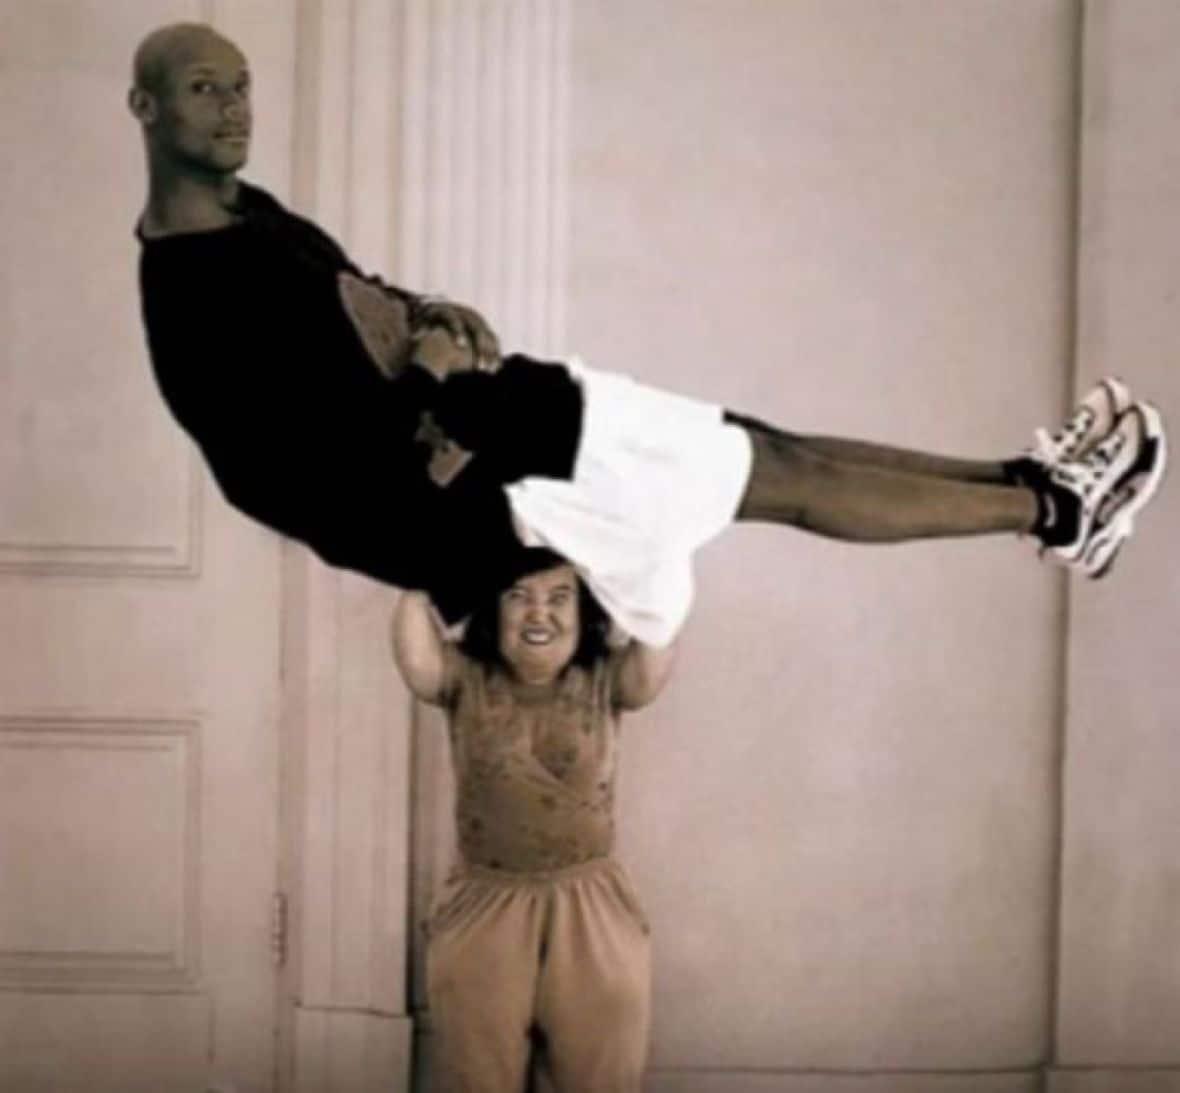 женщина держит над головой мужчину